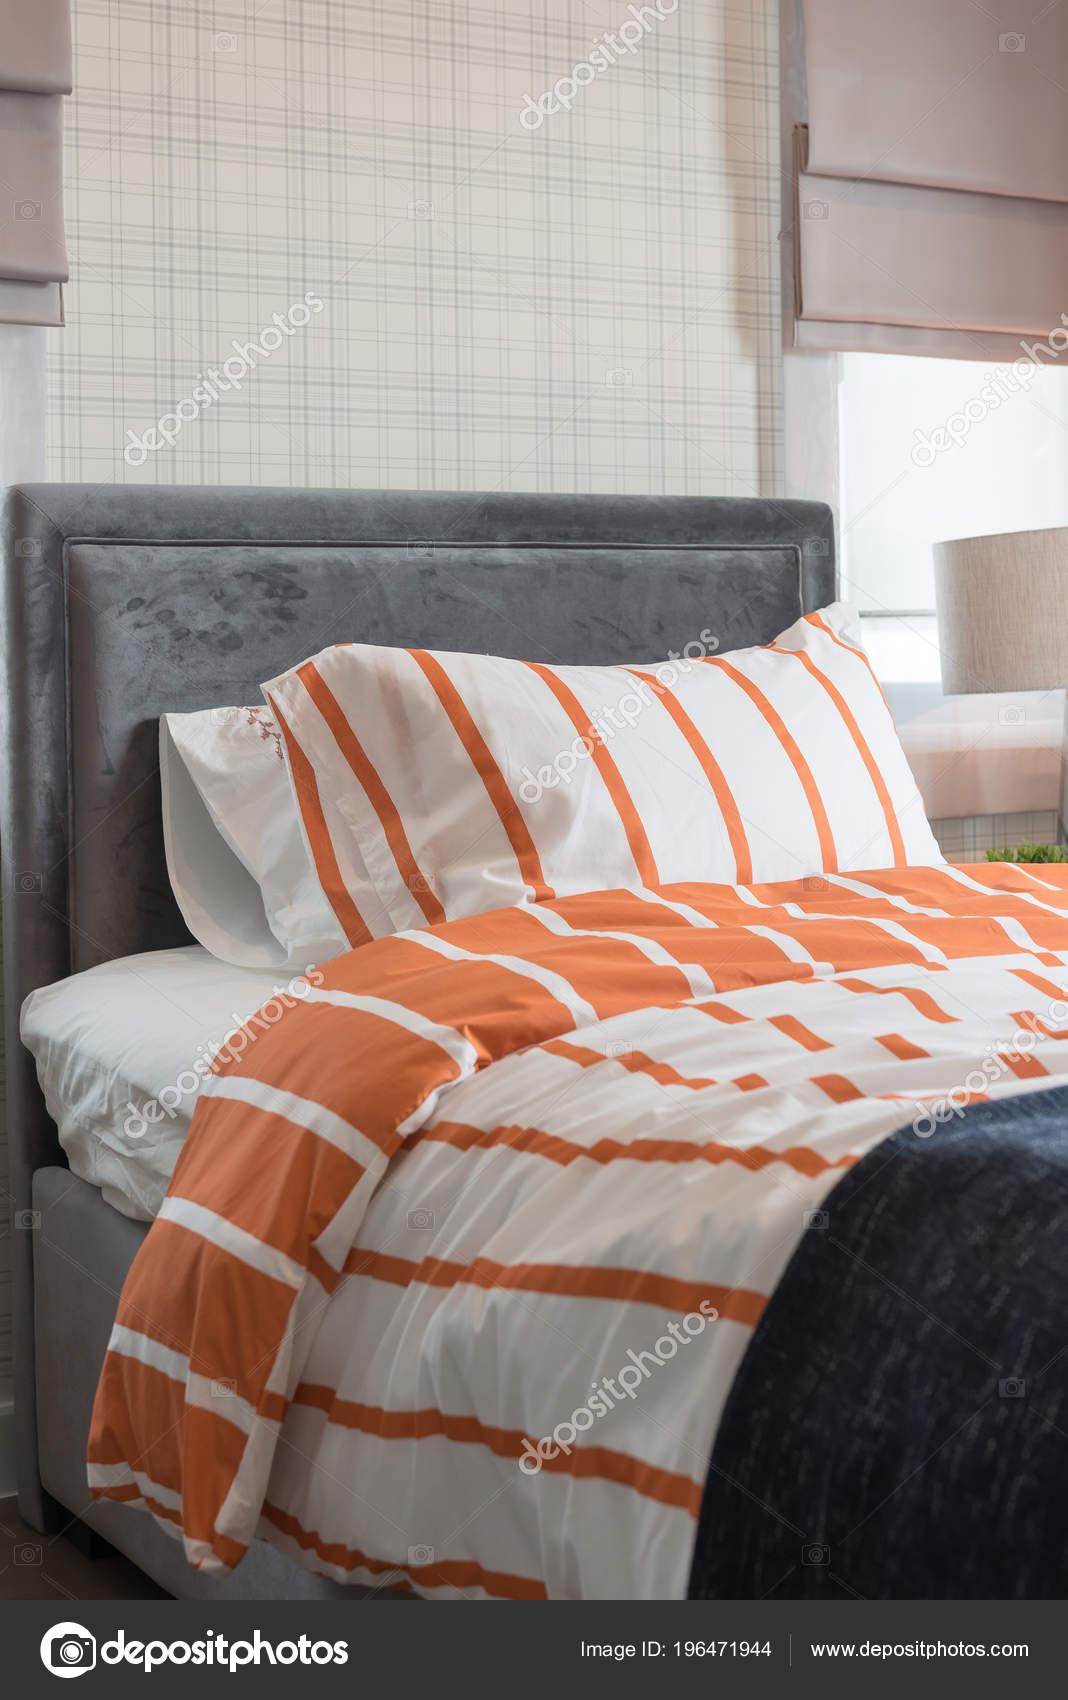 Lit Simple Dans Chambre Coucher Moderne Avec Tonalité Couleur Orange ...